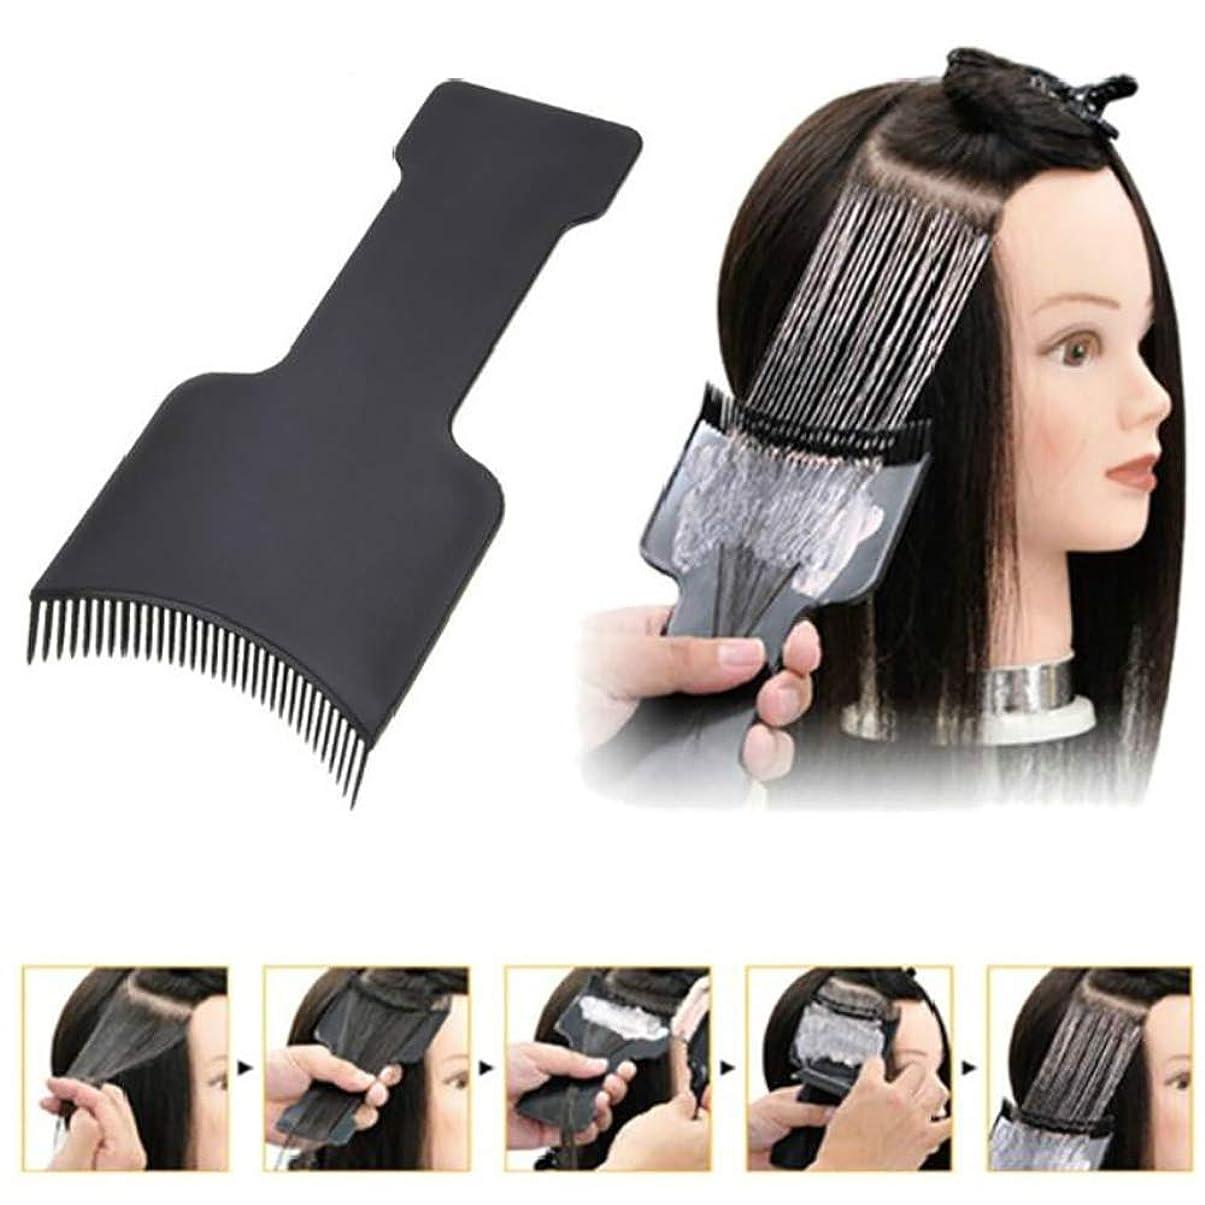 ゴミ箱辛な動詞プロのファッション理髪ヘアアプリケータブラシ調剤サロンヘアカラーリング染色ピックカラーボードヘアスタイリングツール (L,ブラック)